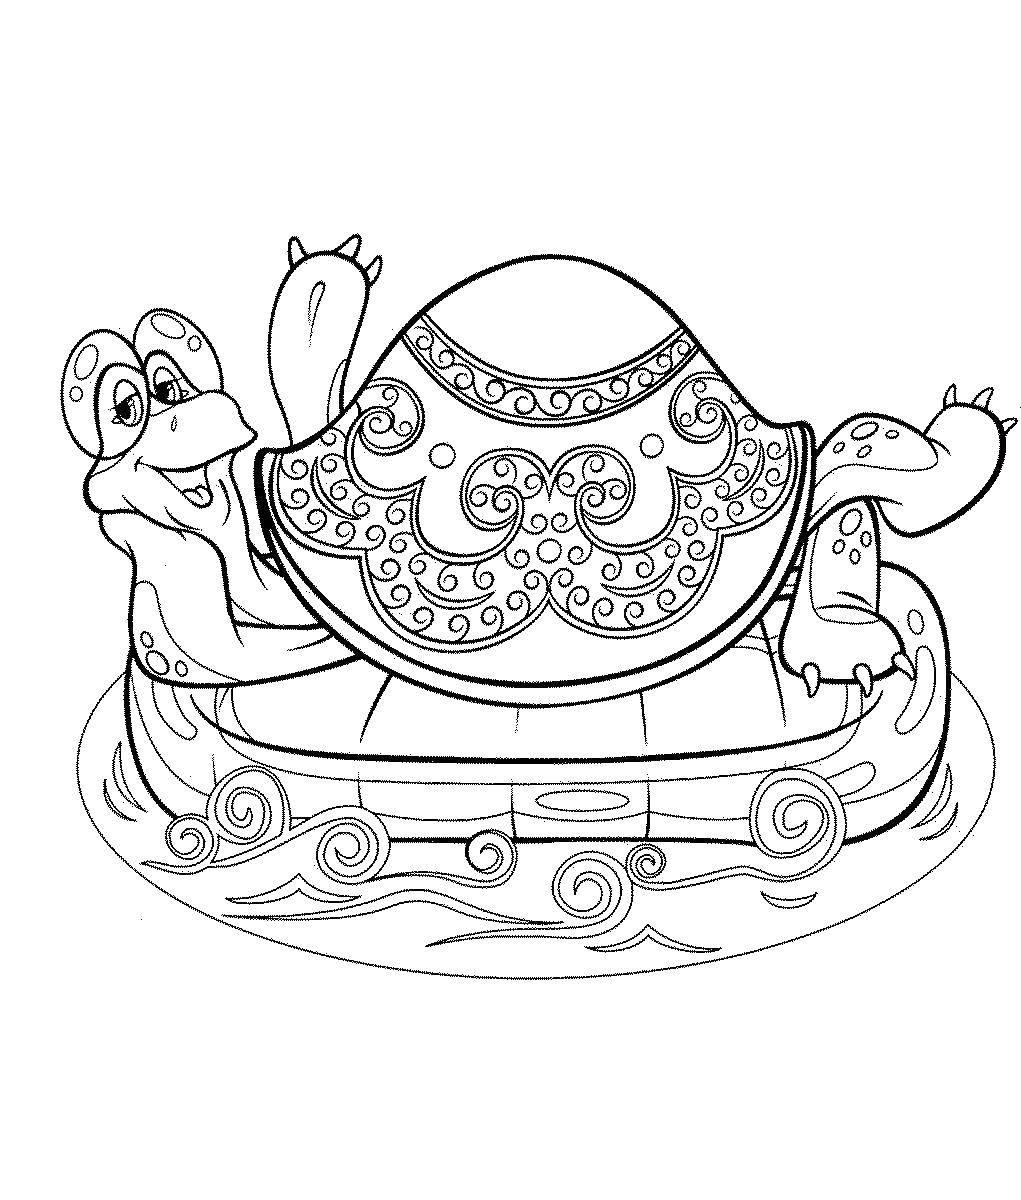 Раскраски Раскраска Большая черепаха львенок и большая ...